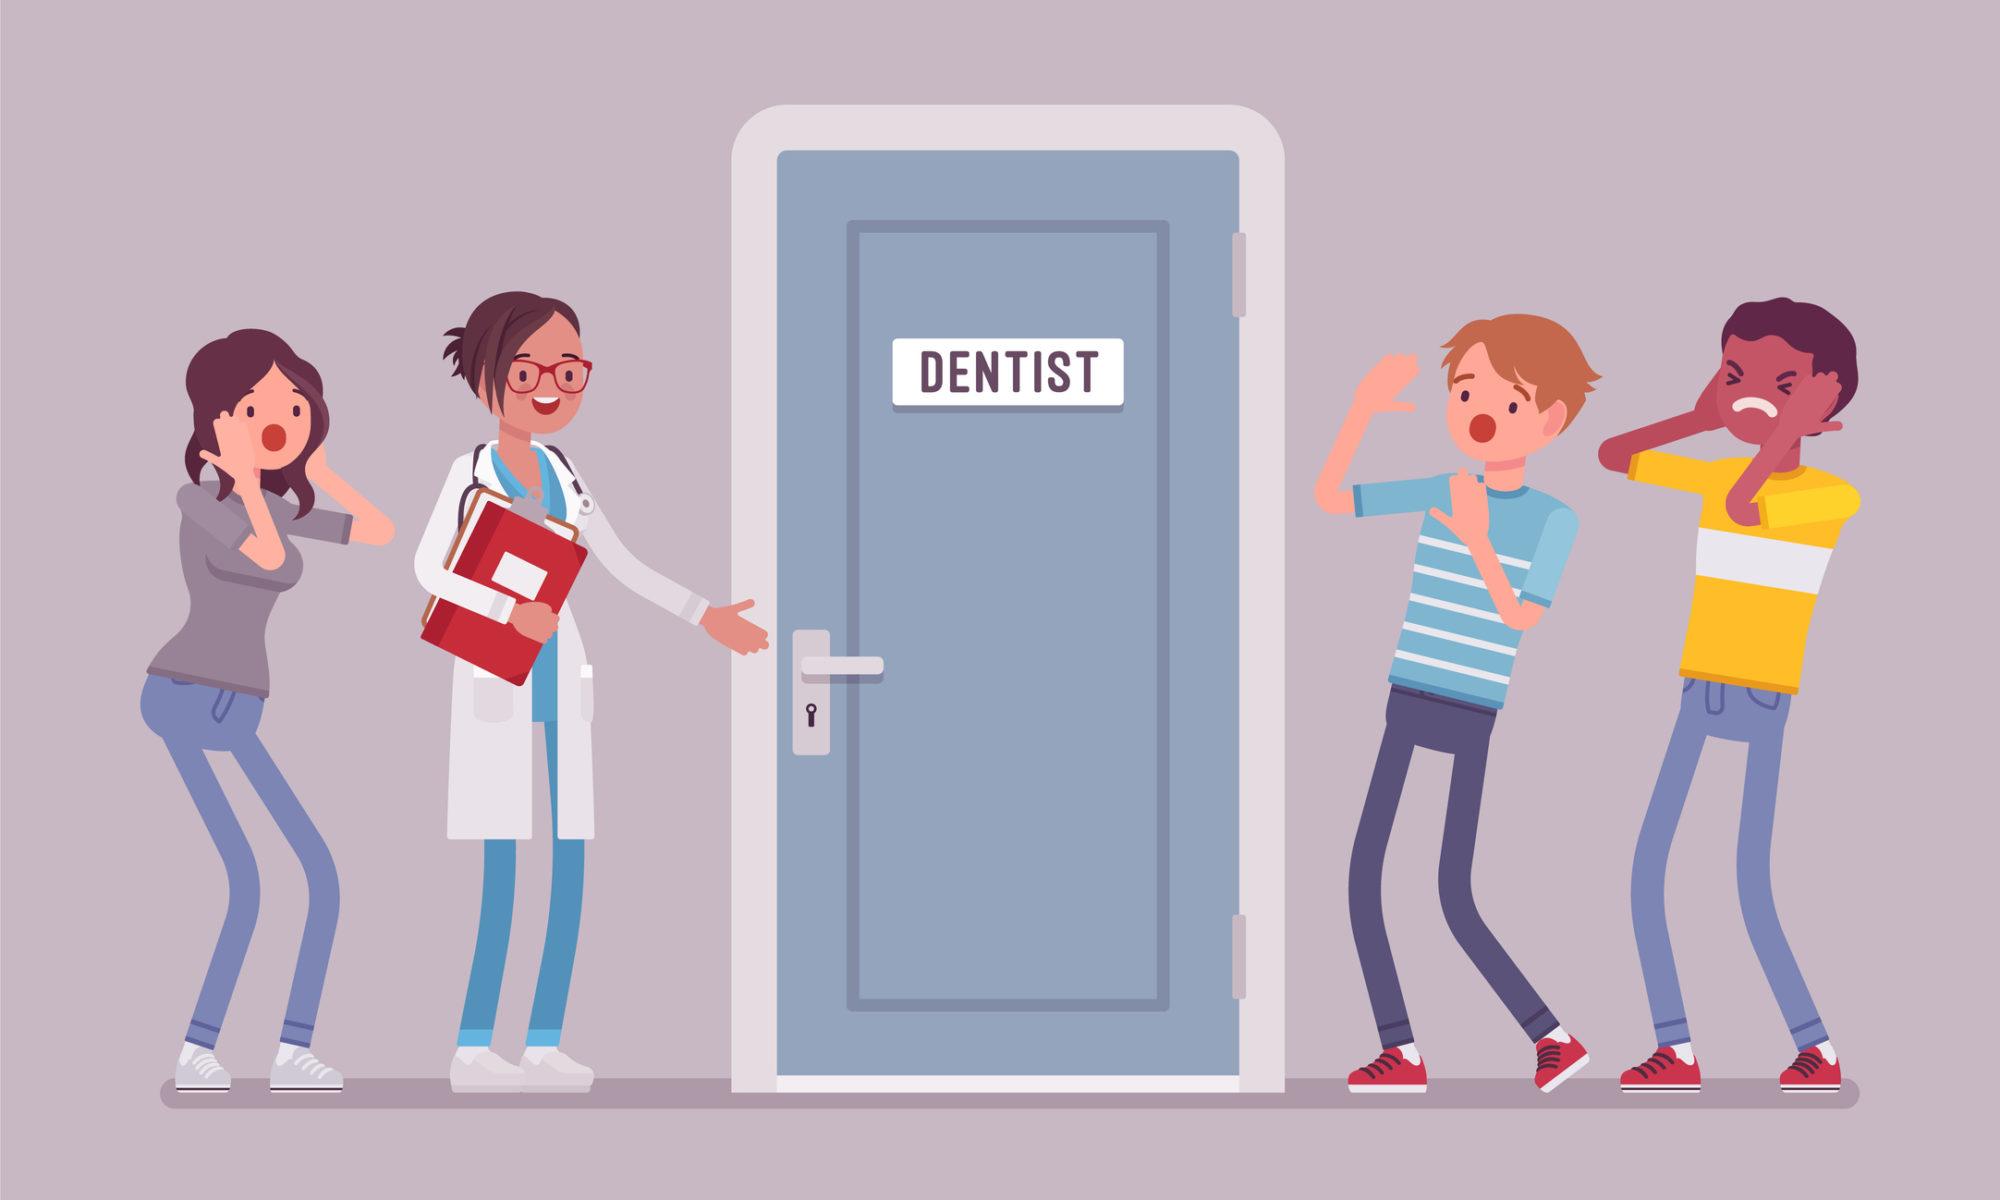 people afraid of the dentist